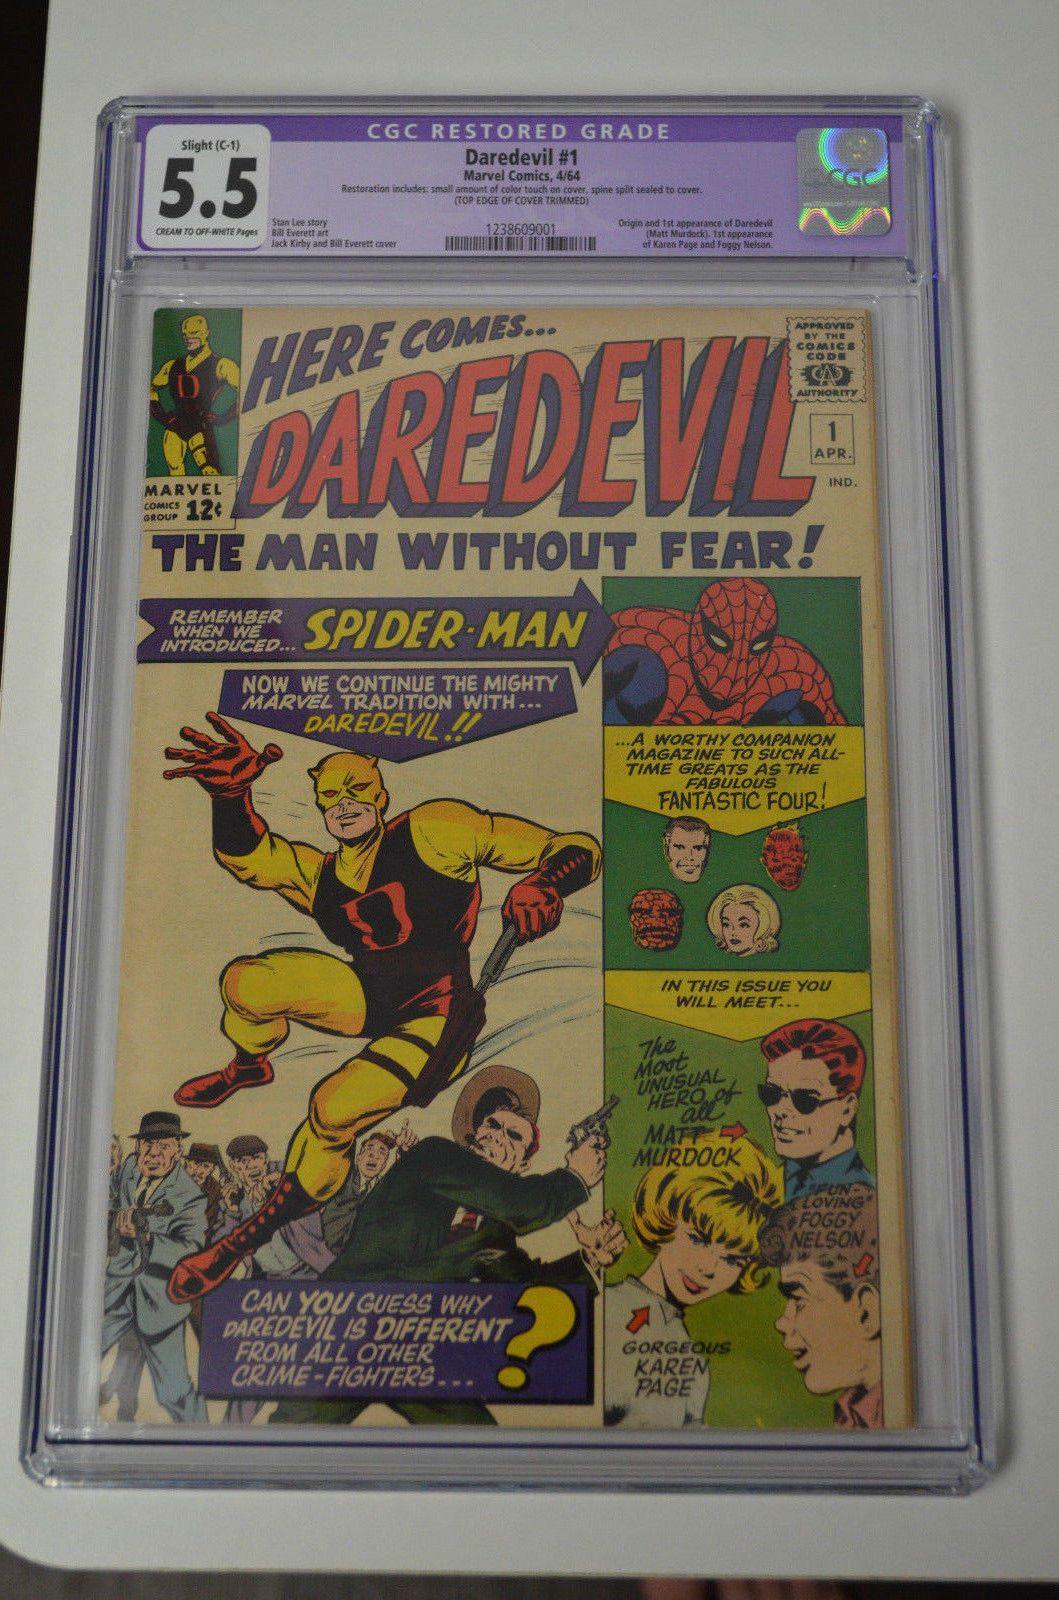 Daredevil 1 Cgc 55 Slight April 1964 Marvel New Case 1st